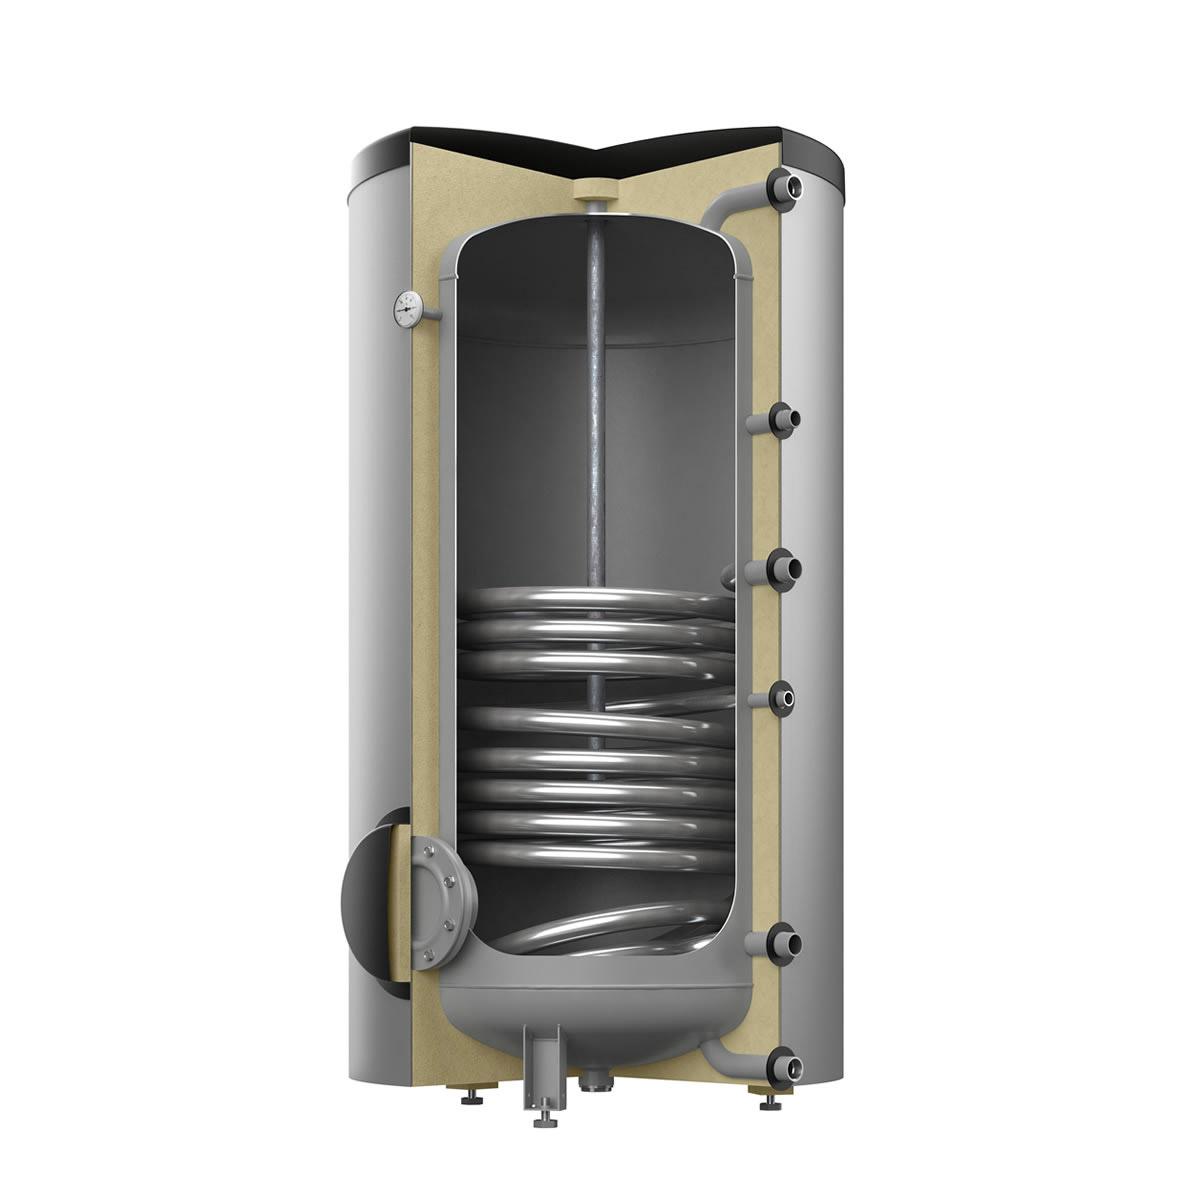 reflex warmwasser standspeicher typ sf400 farbe silber heizung. Black Bedroom Furniture Sets. Home Design Ideas